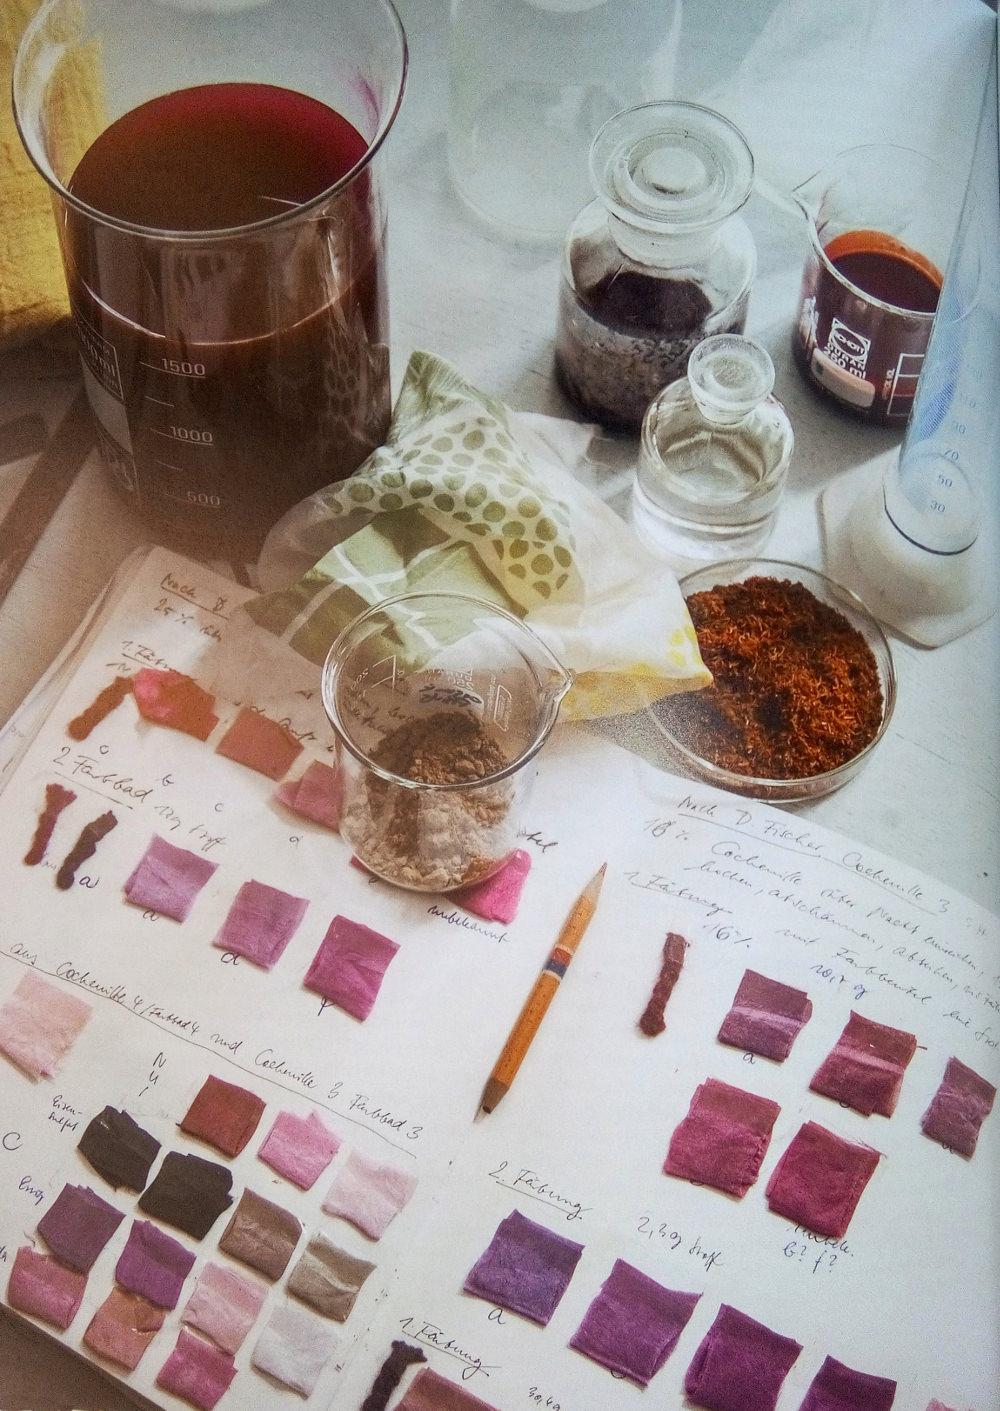 Susan Stern, Values 2.0, teintures naturelles, carnet d'échantillonnage © Susan Stern